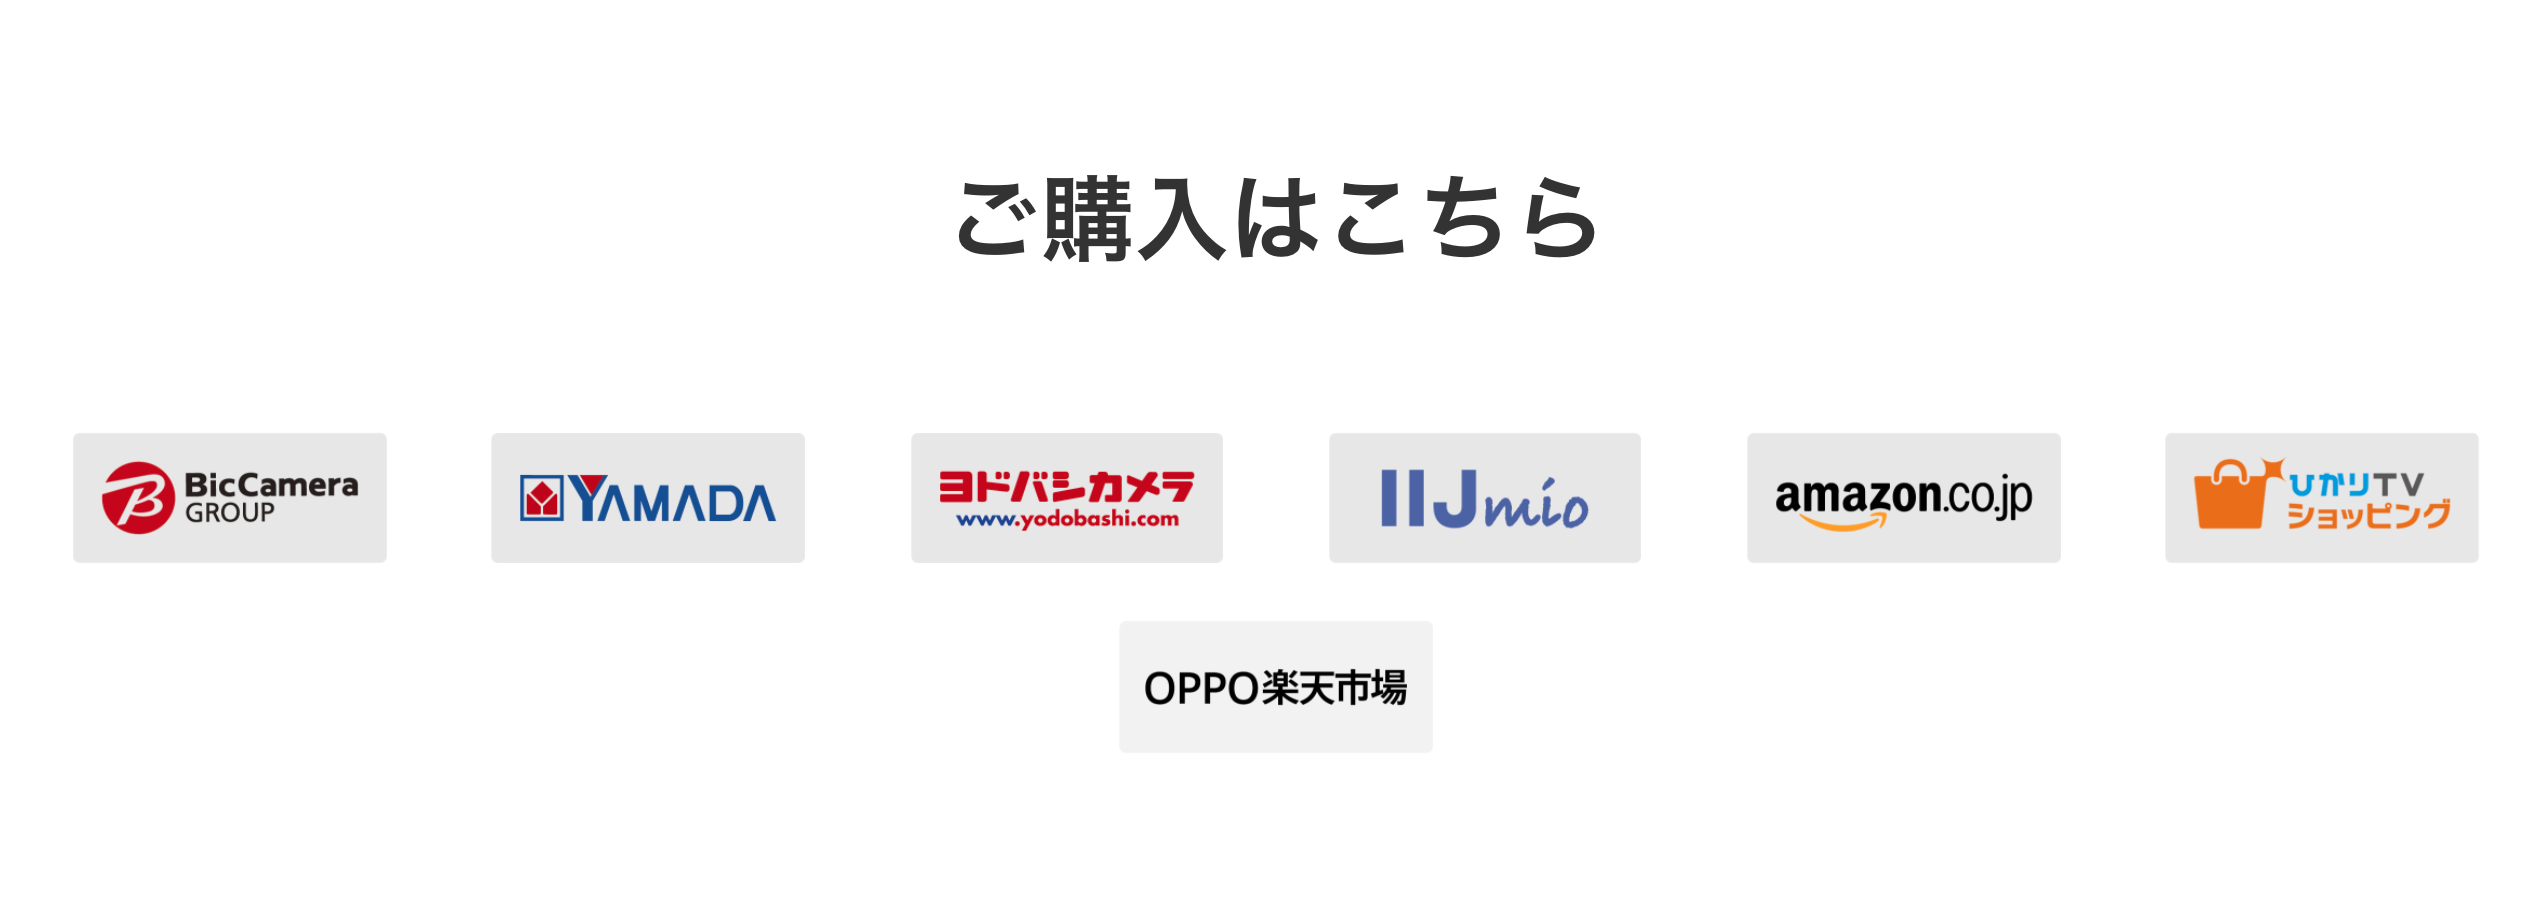 f:id:Azusa_Hirano:20200721170745p:plain